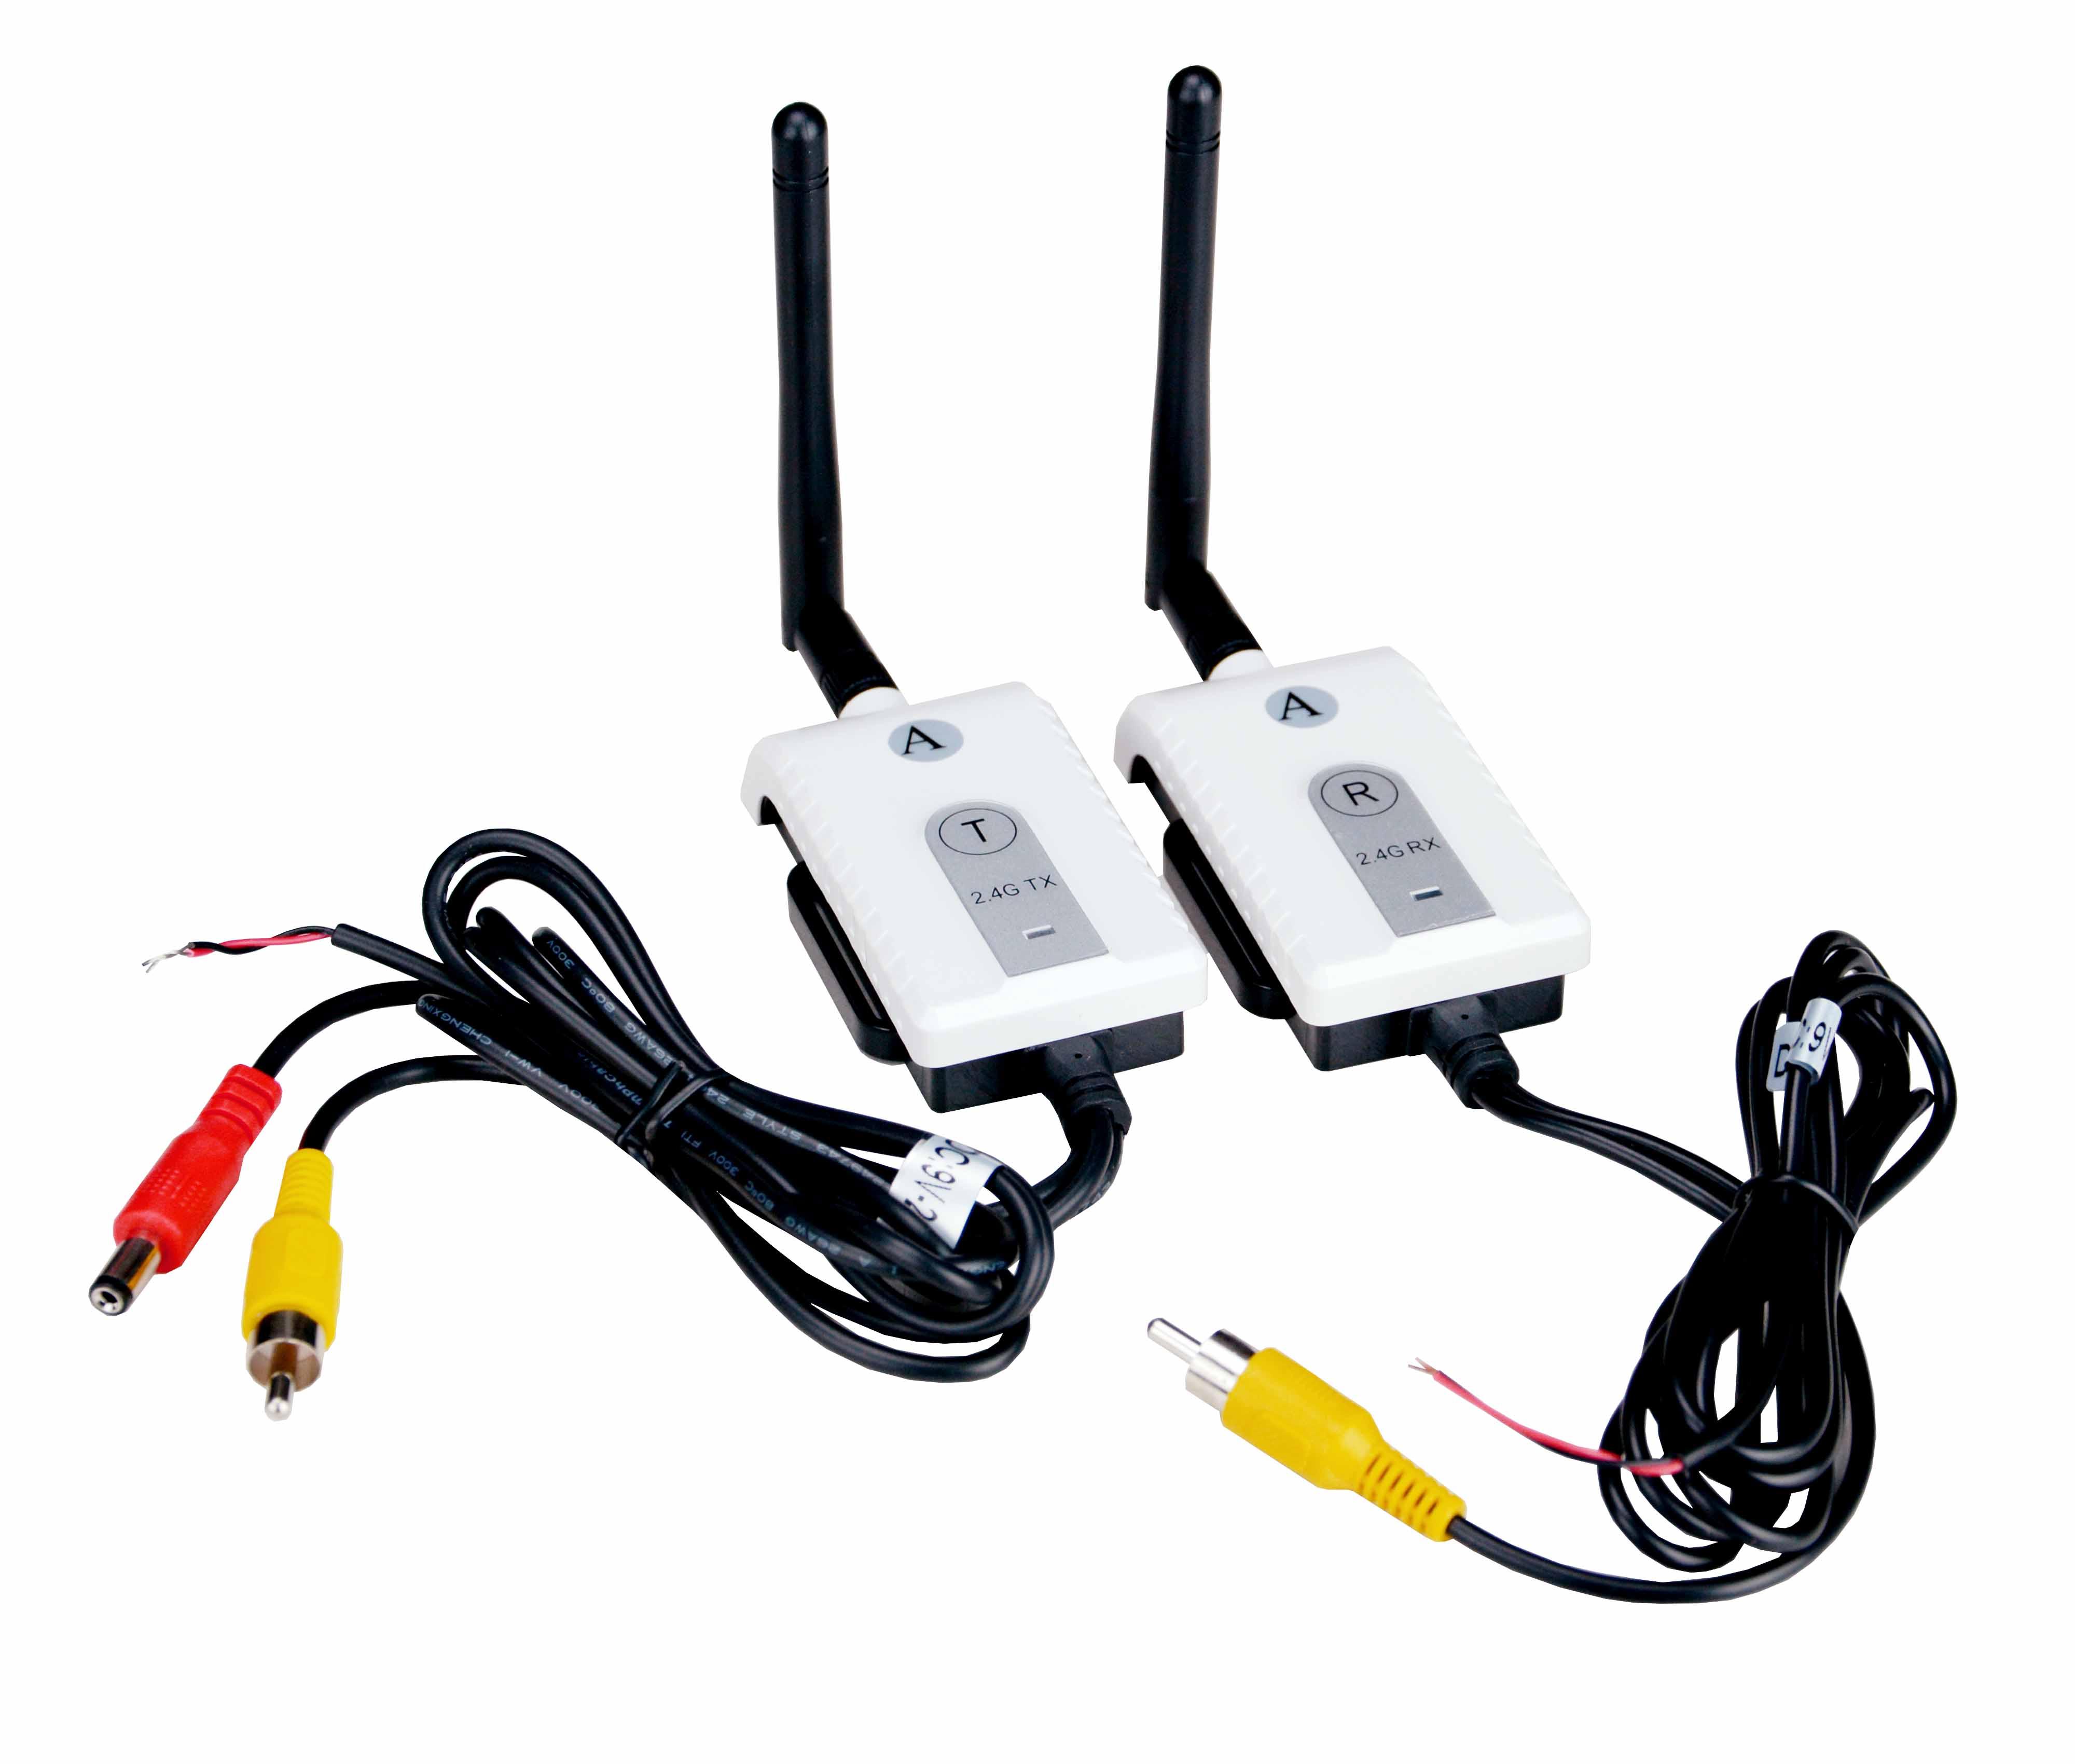 Trasmettitori audio video digitali per telecamere senza - Citofono wireless lunga portata ...